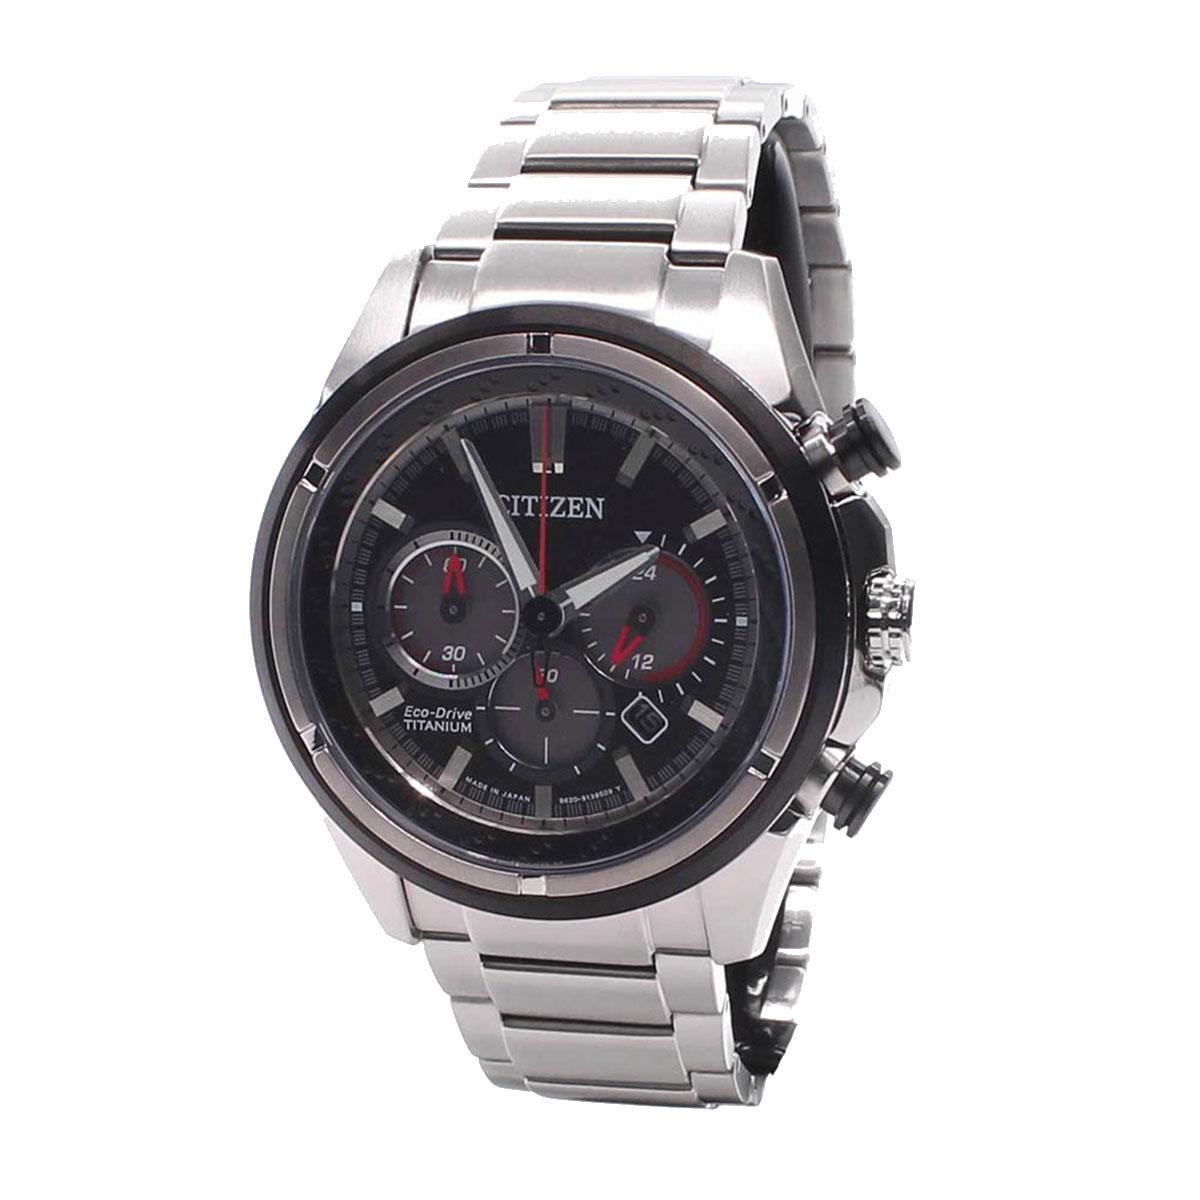 Buy Citizen Watch Eco Drive Chronograph Silver Titanium Case Titanium Bracelet Mens Ca4241 55E Online